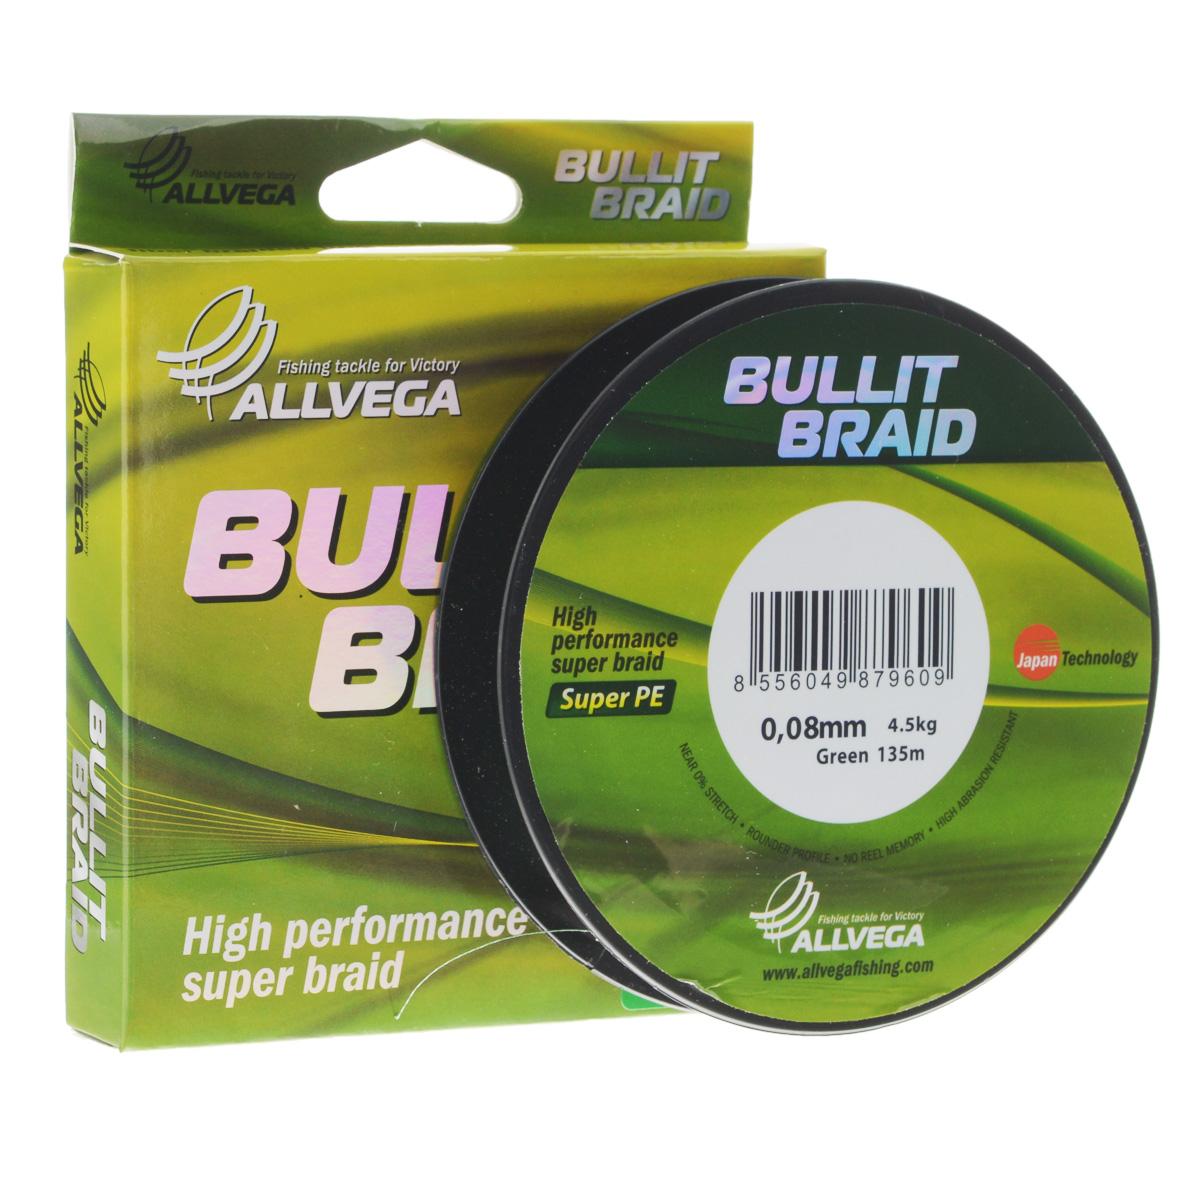 Леска плетеная Allvega Bullit Braid, цвет: темно-зеленый, 135 м, 0,08 мм, 4,5 кг31758Леска Allvega Bullit Braid с гладкой поверхностью и одинаковым сечением по всей длине обладает высокой износостойкостью. Благодаря микроволокнам полиэтилена (Super PE) леска имеет очень плотное плетение и не впитывает воду. Леску Allvega Bullit Braid можно применять в любых типах водоемов. Особенности:- повышенная износостойкость;- высокая чувствительность - коэффициент растяжения близок к нулю;- отсутствует память;- идеально гладкая поверхность позволяет увеличить дальность забросов;- высокая прочность шнура на узлах.